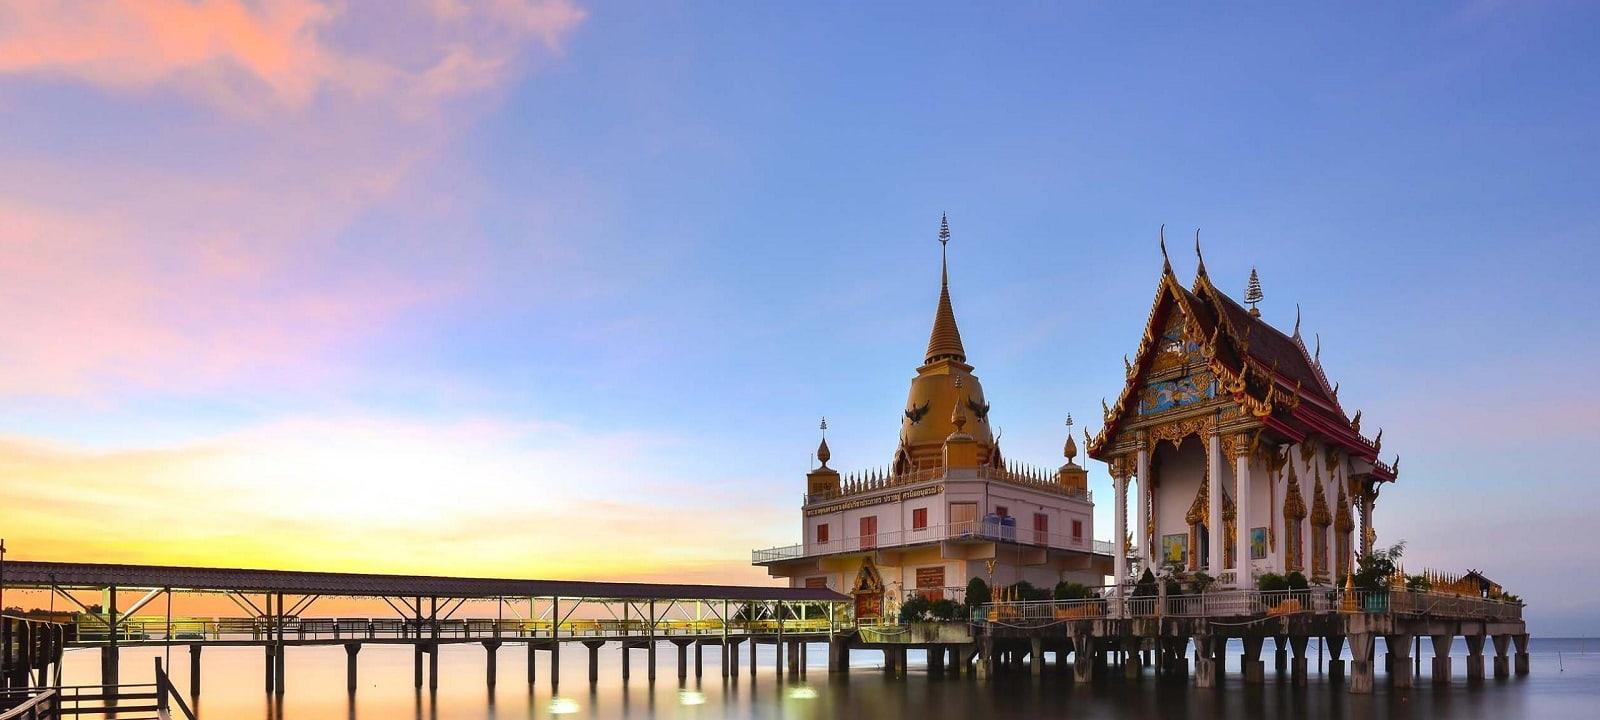 Les infos pratiques pour visiter le Laos